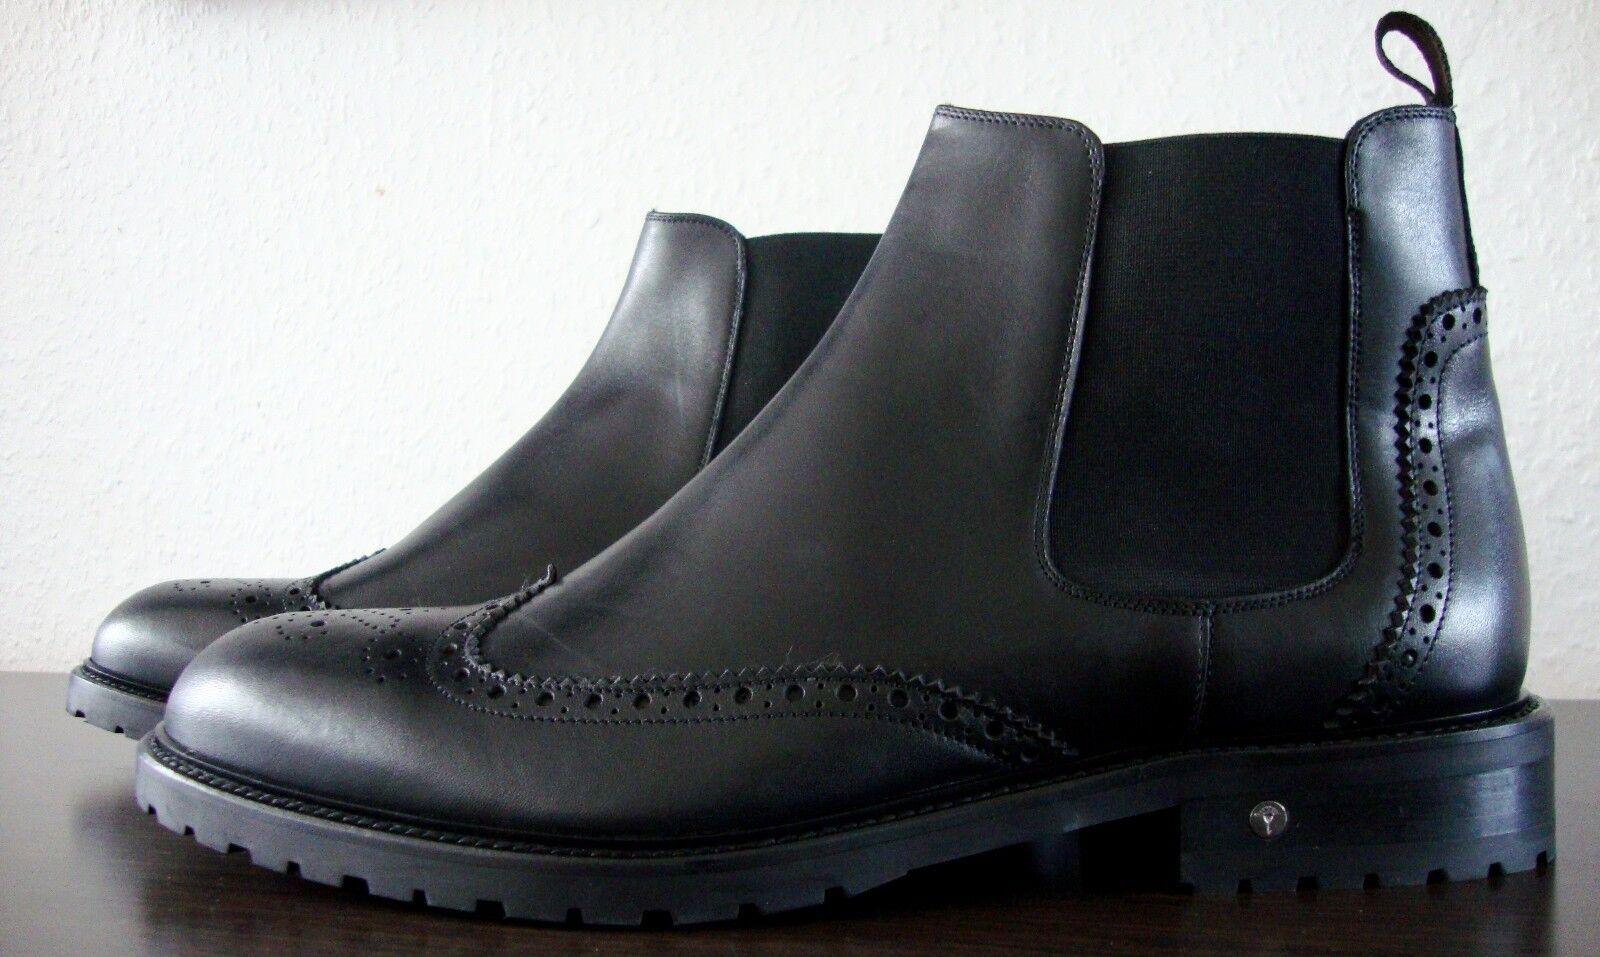 JOOP! GIORGIO Herren Chealse Stiefel Gr45 Stiefelette Schuhe Echtleder Schwarz Gr45 Stiefel NEU 1c0d64